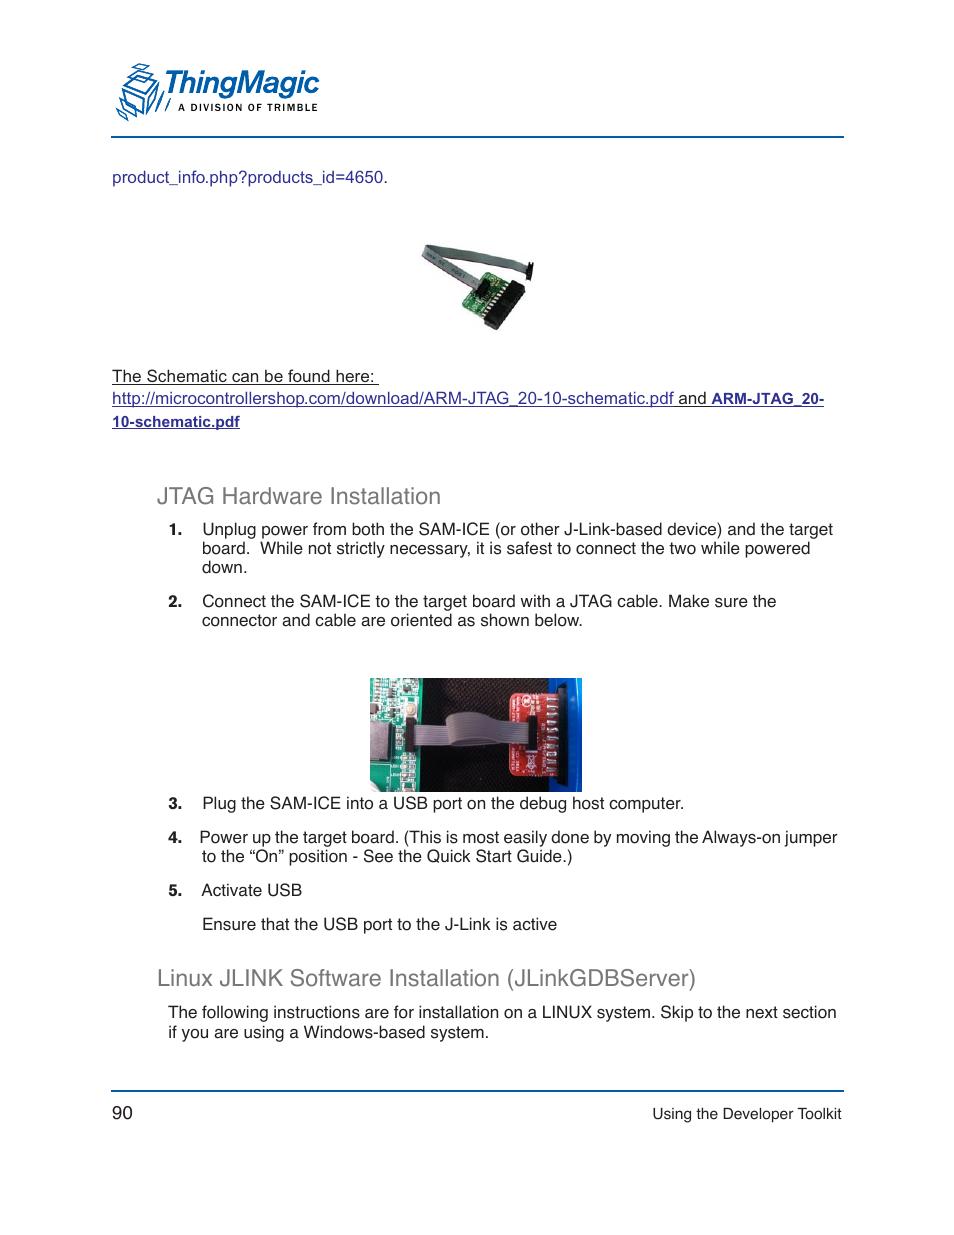 Jtag hardware installation, Linux jlink software